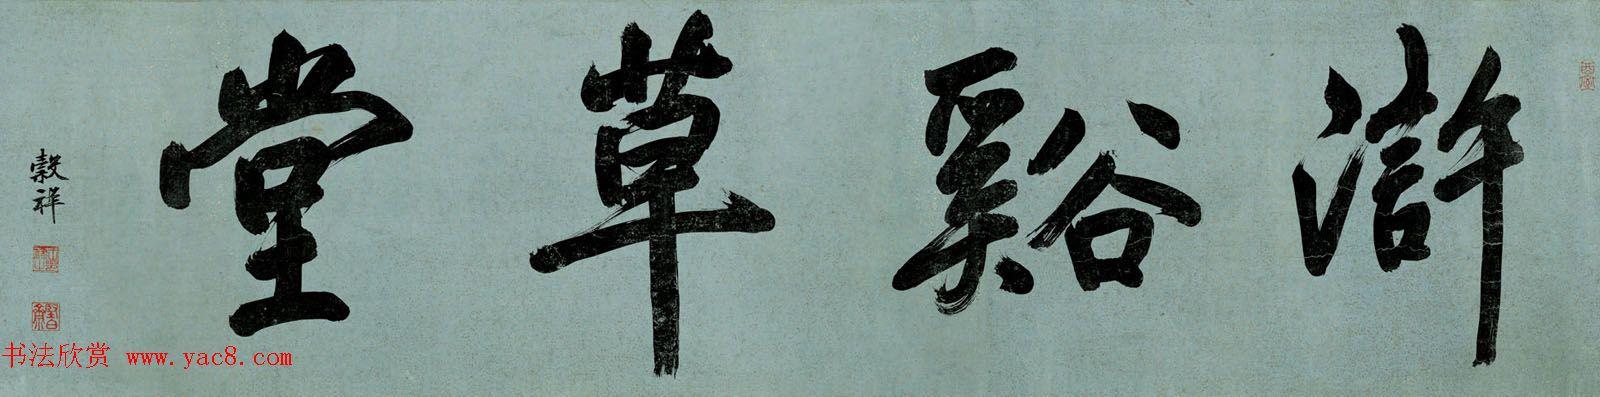 文徵明字画赏析《浒溪草堂图》